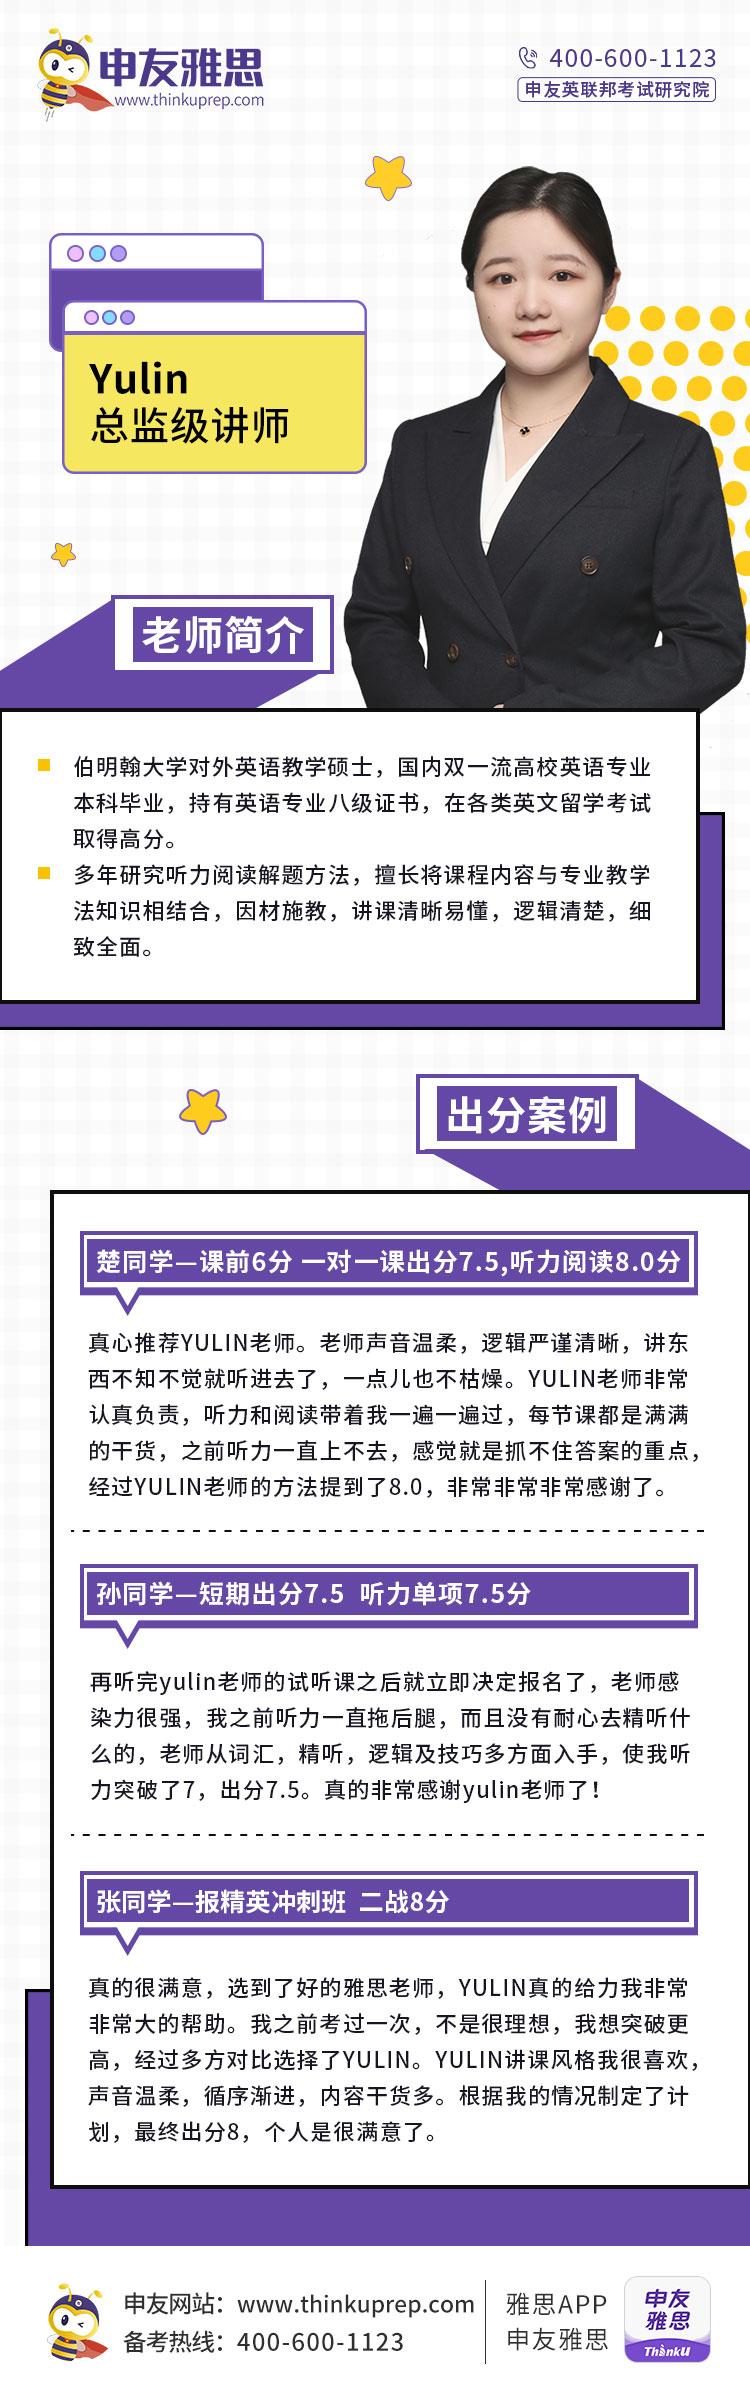 Yulin-雅思总监级讲师.jpg